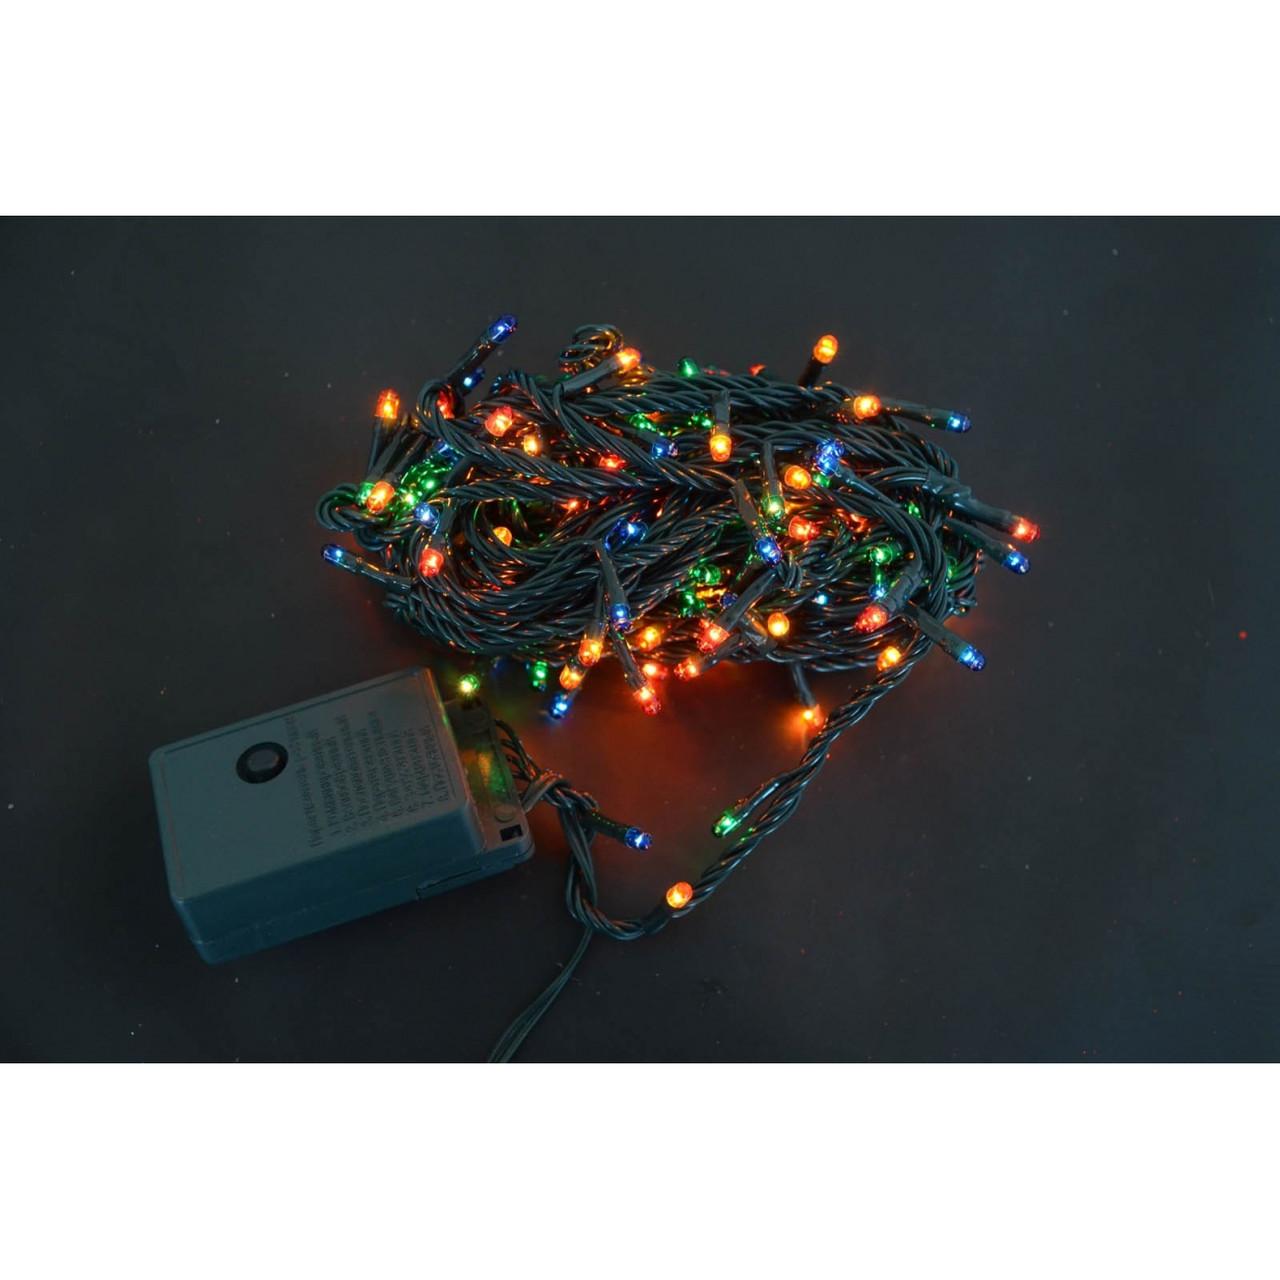 Електрогірлянди Yes! Fun, 160 мікроламп ламп, багатобарвна, 8 м., 8 реж.міганія, зел.прово